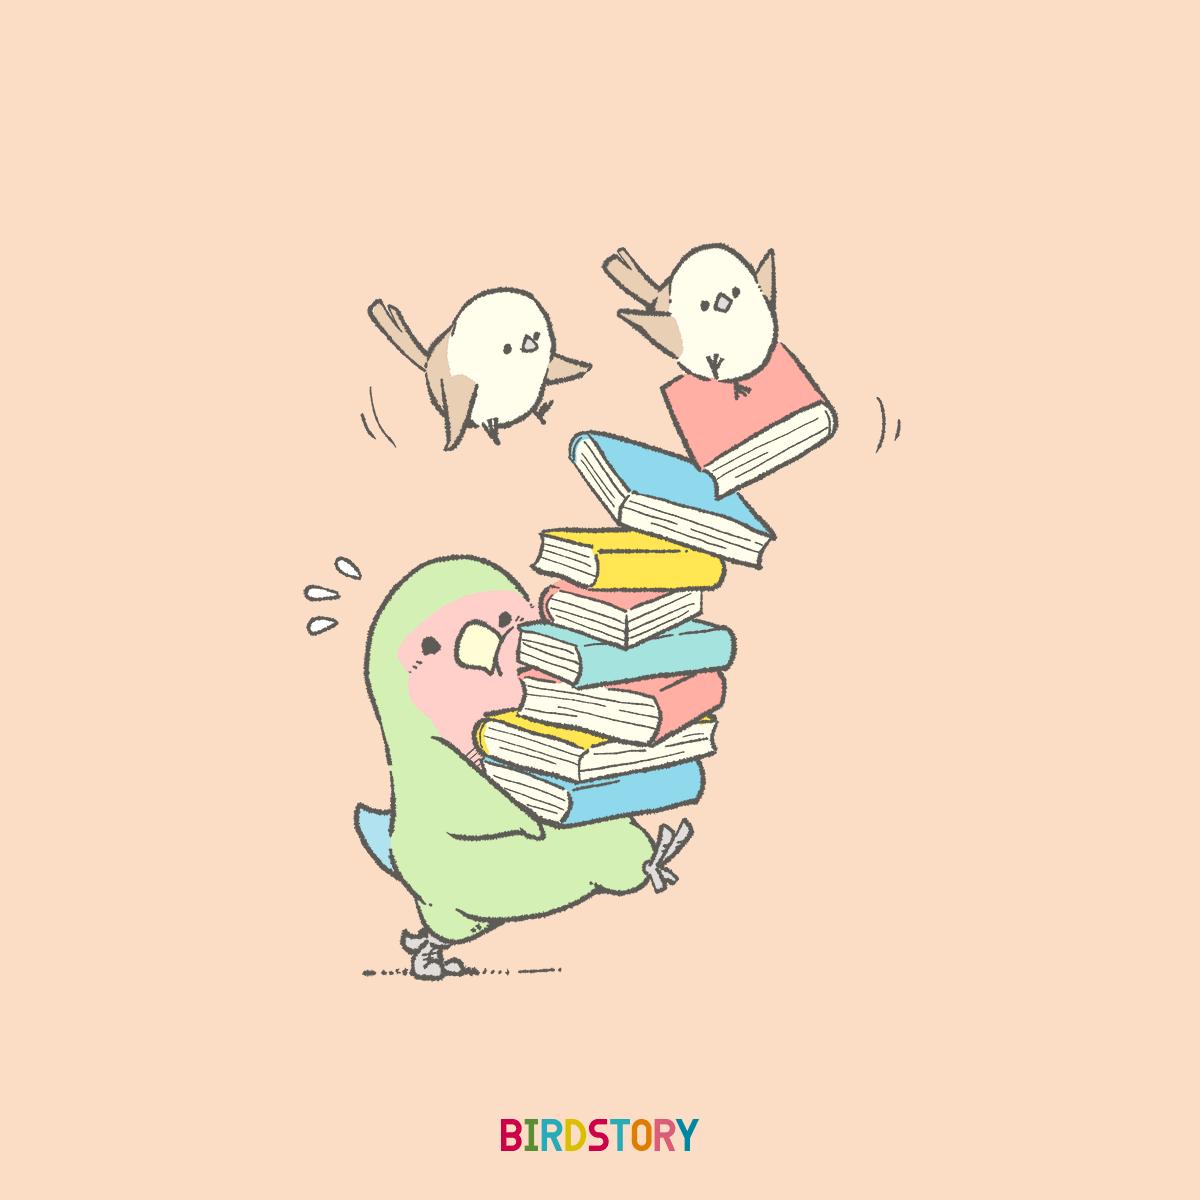 図書館記念日 ジャマエナガ シマエナガ